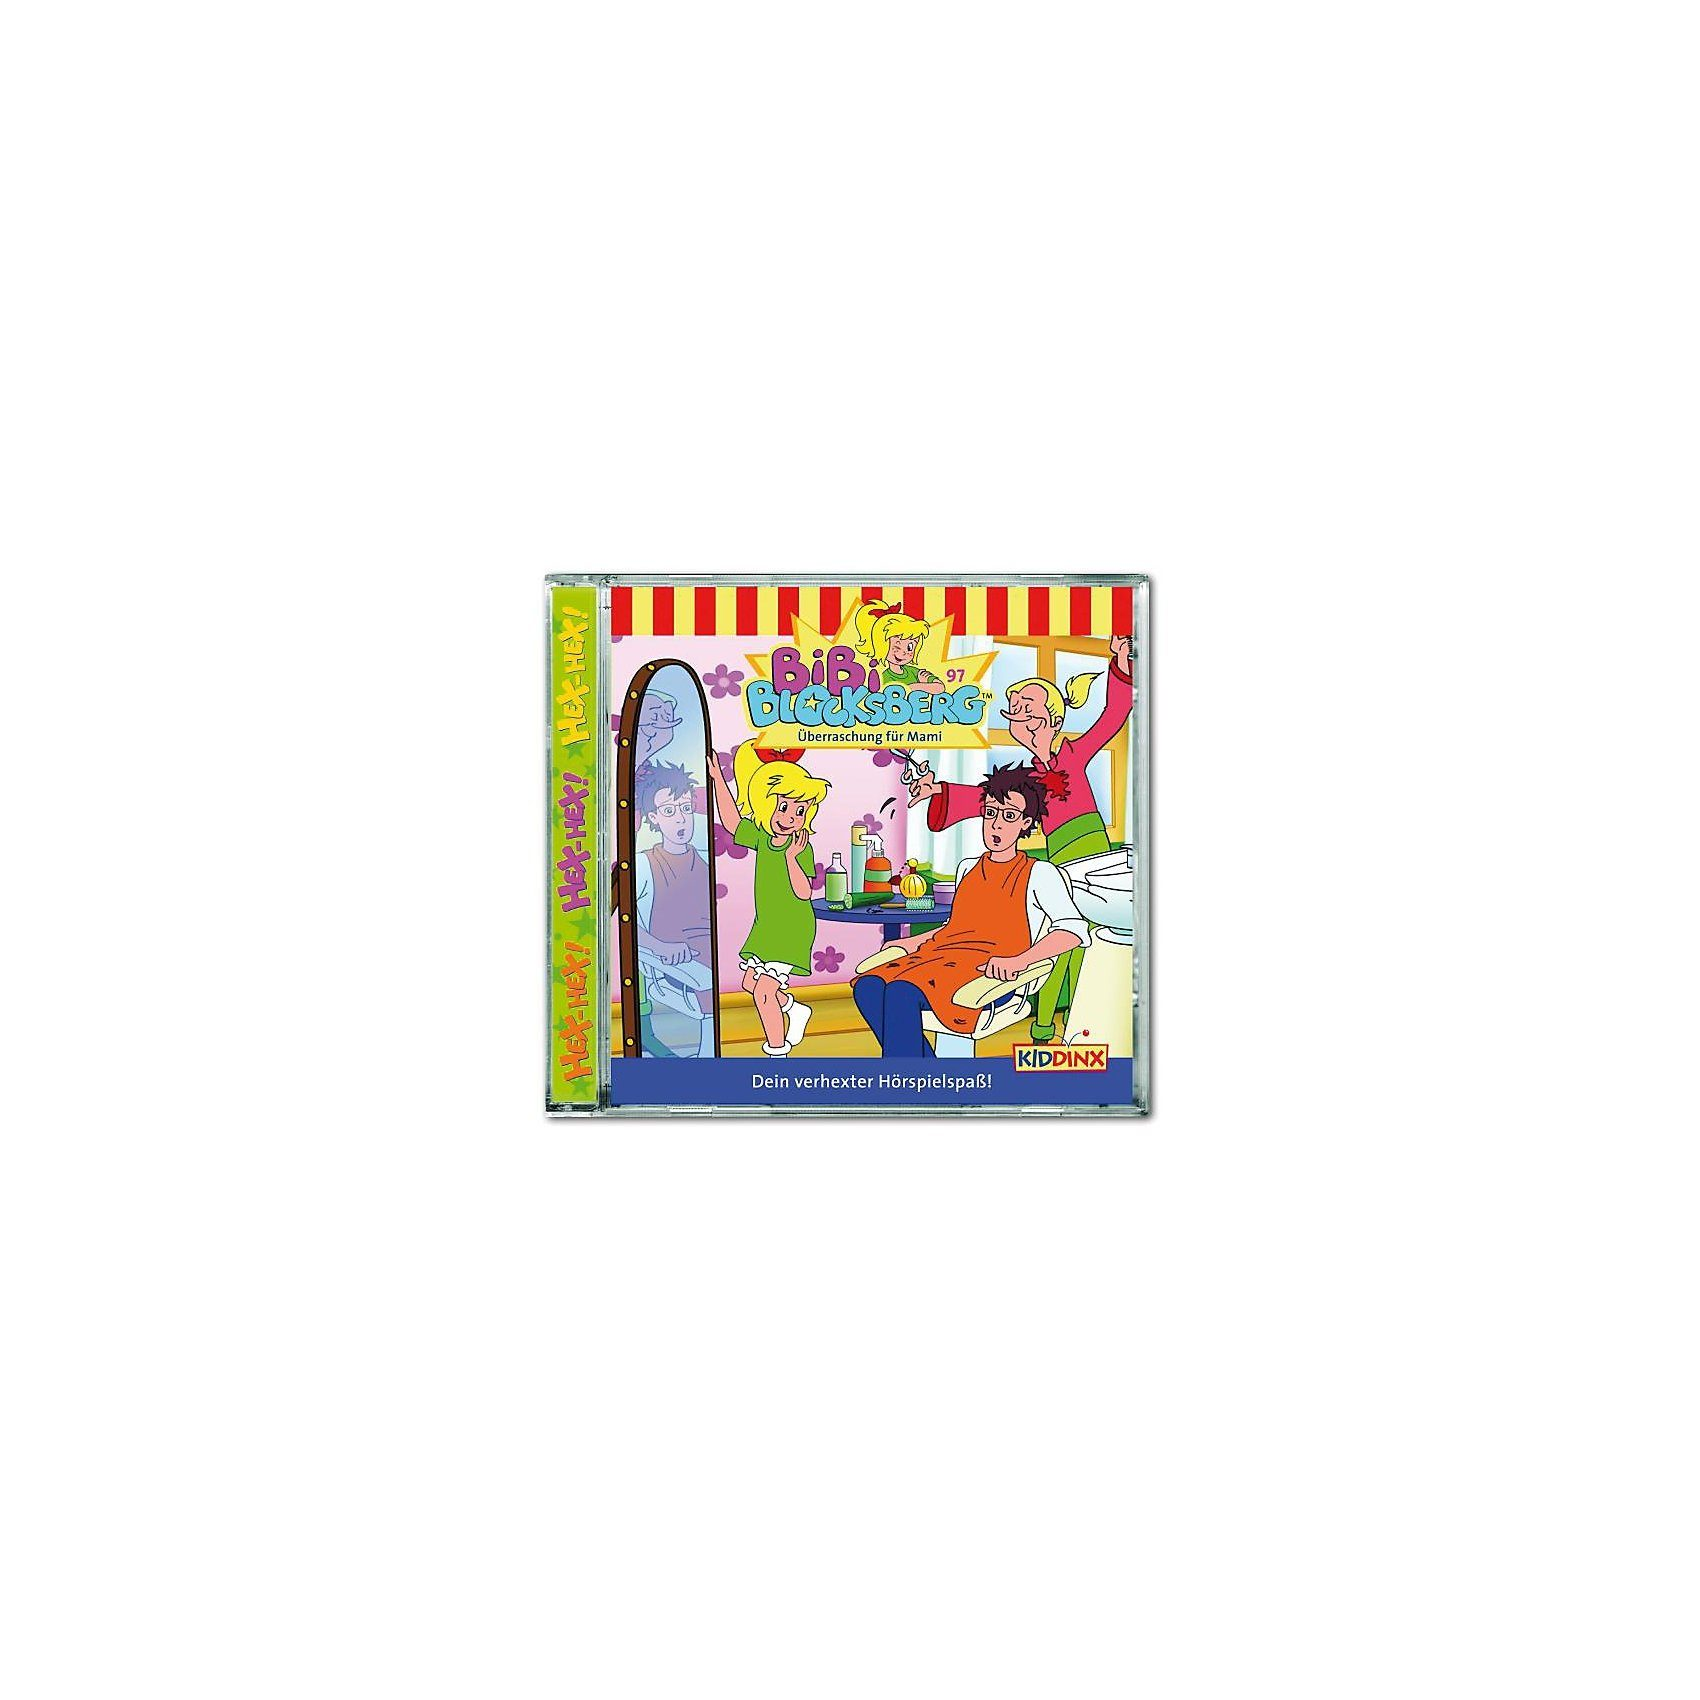 Kiddinx CD Bibi Blocksberg 97 - Überraschung für Mami